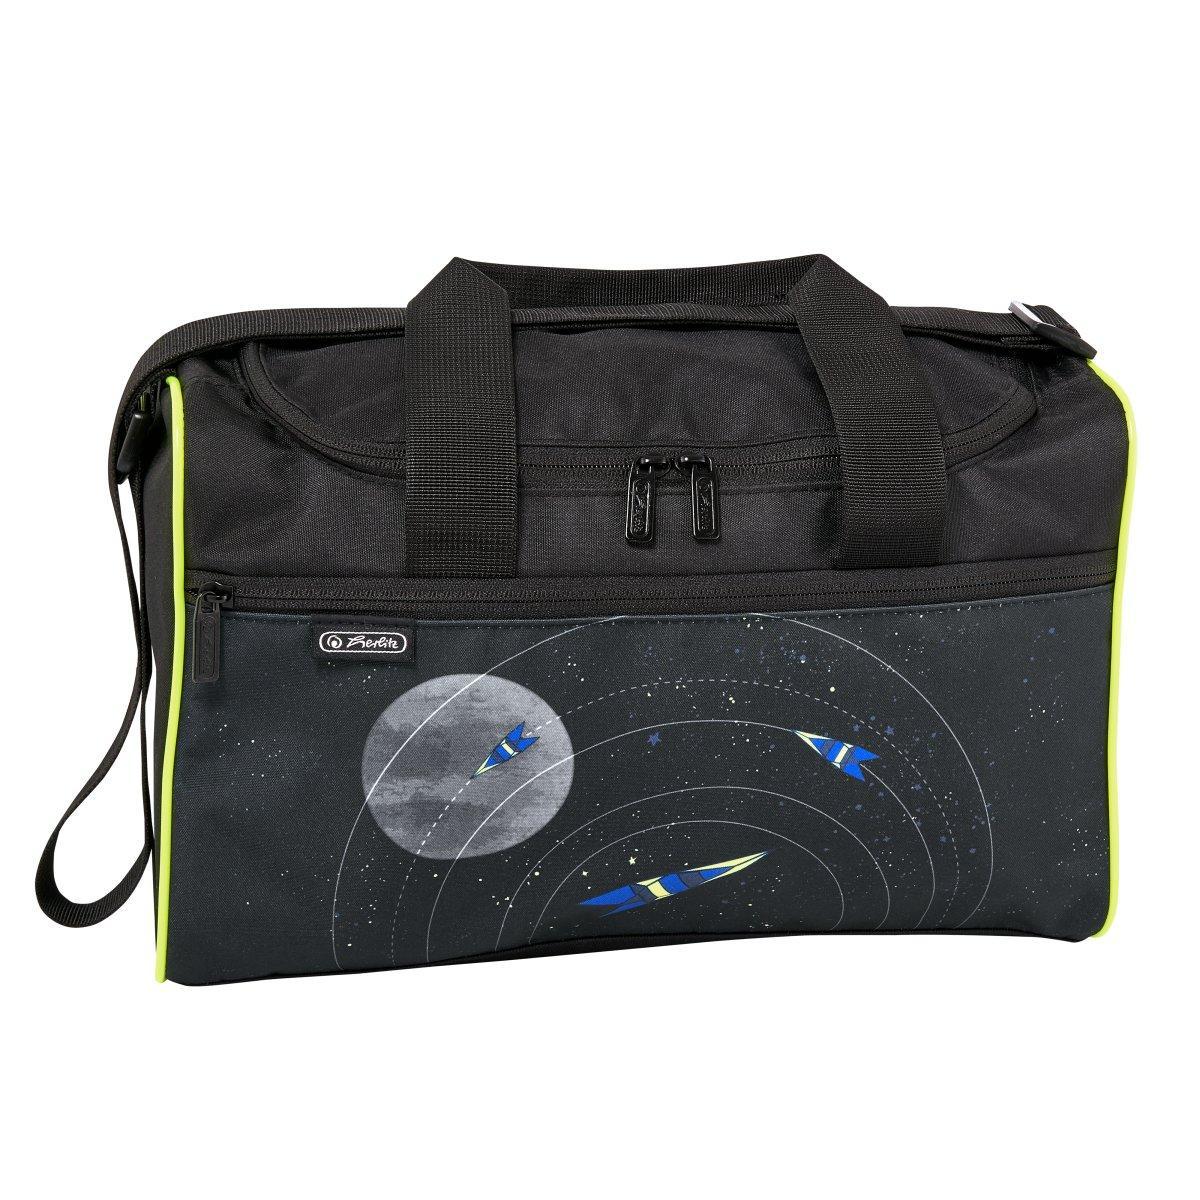 Сумка спортивная Herlitz Sportbag XL Space Космос (50021895)